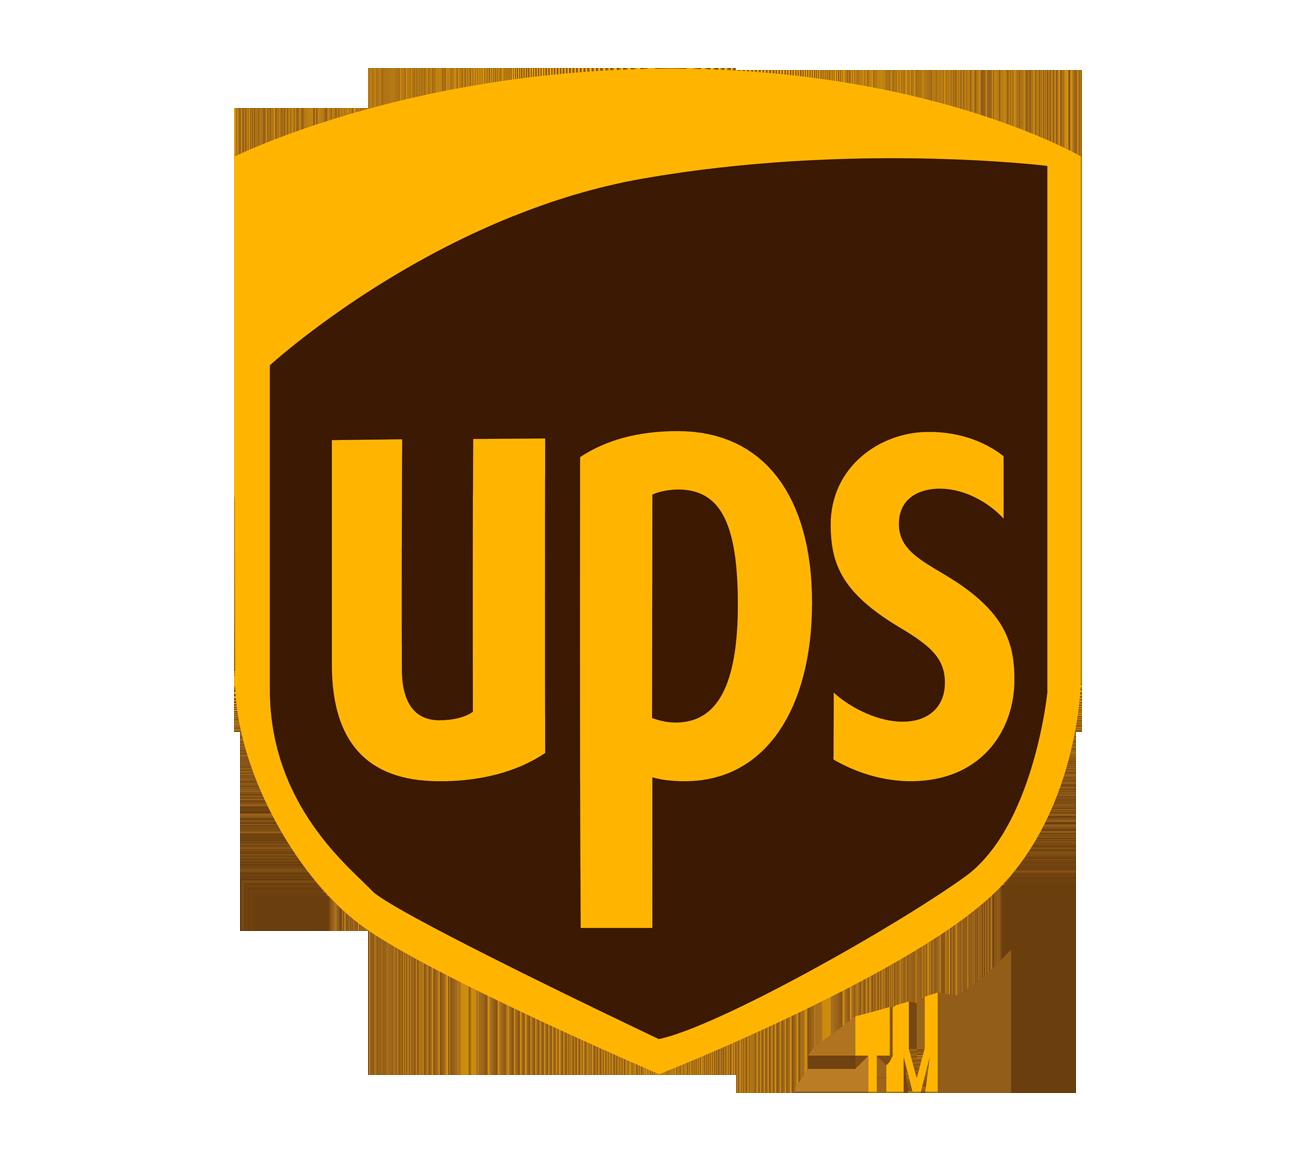 logo: ups